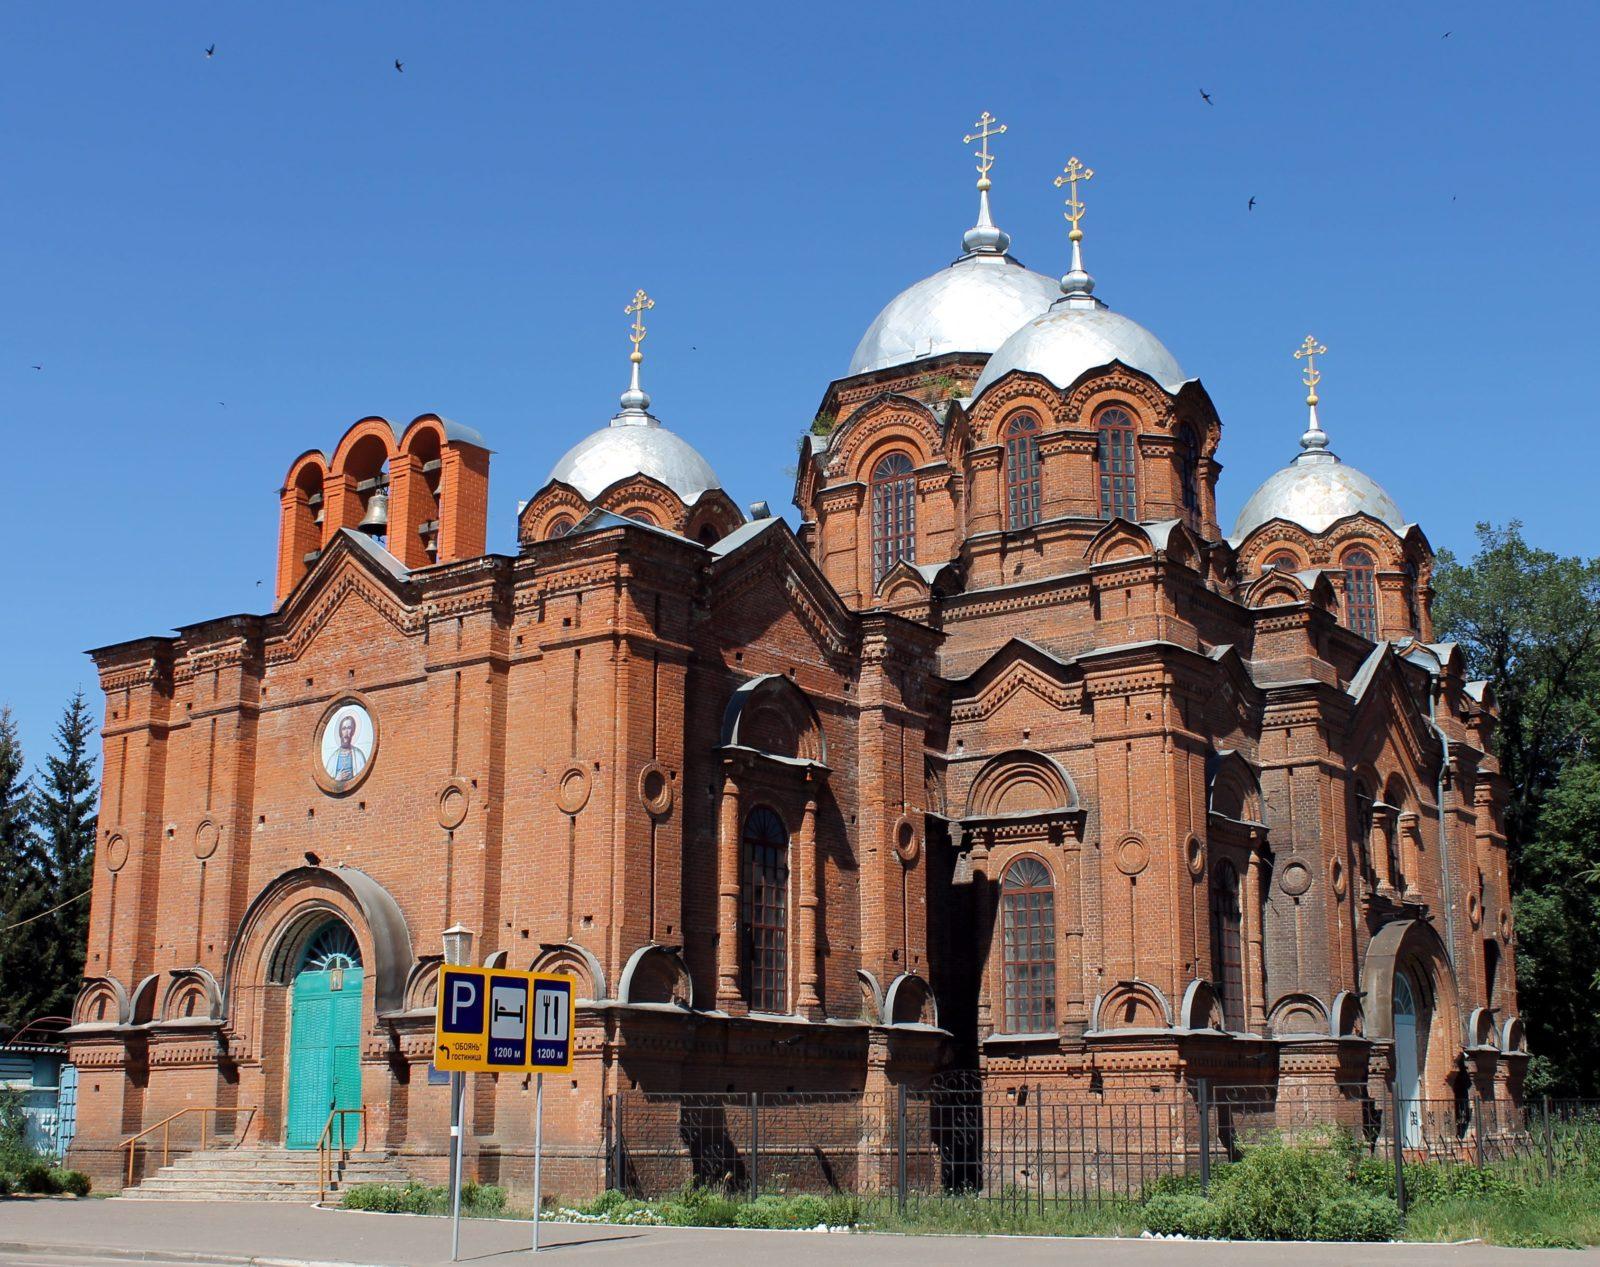 Обоянь, Курская область.